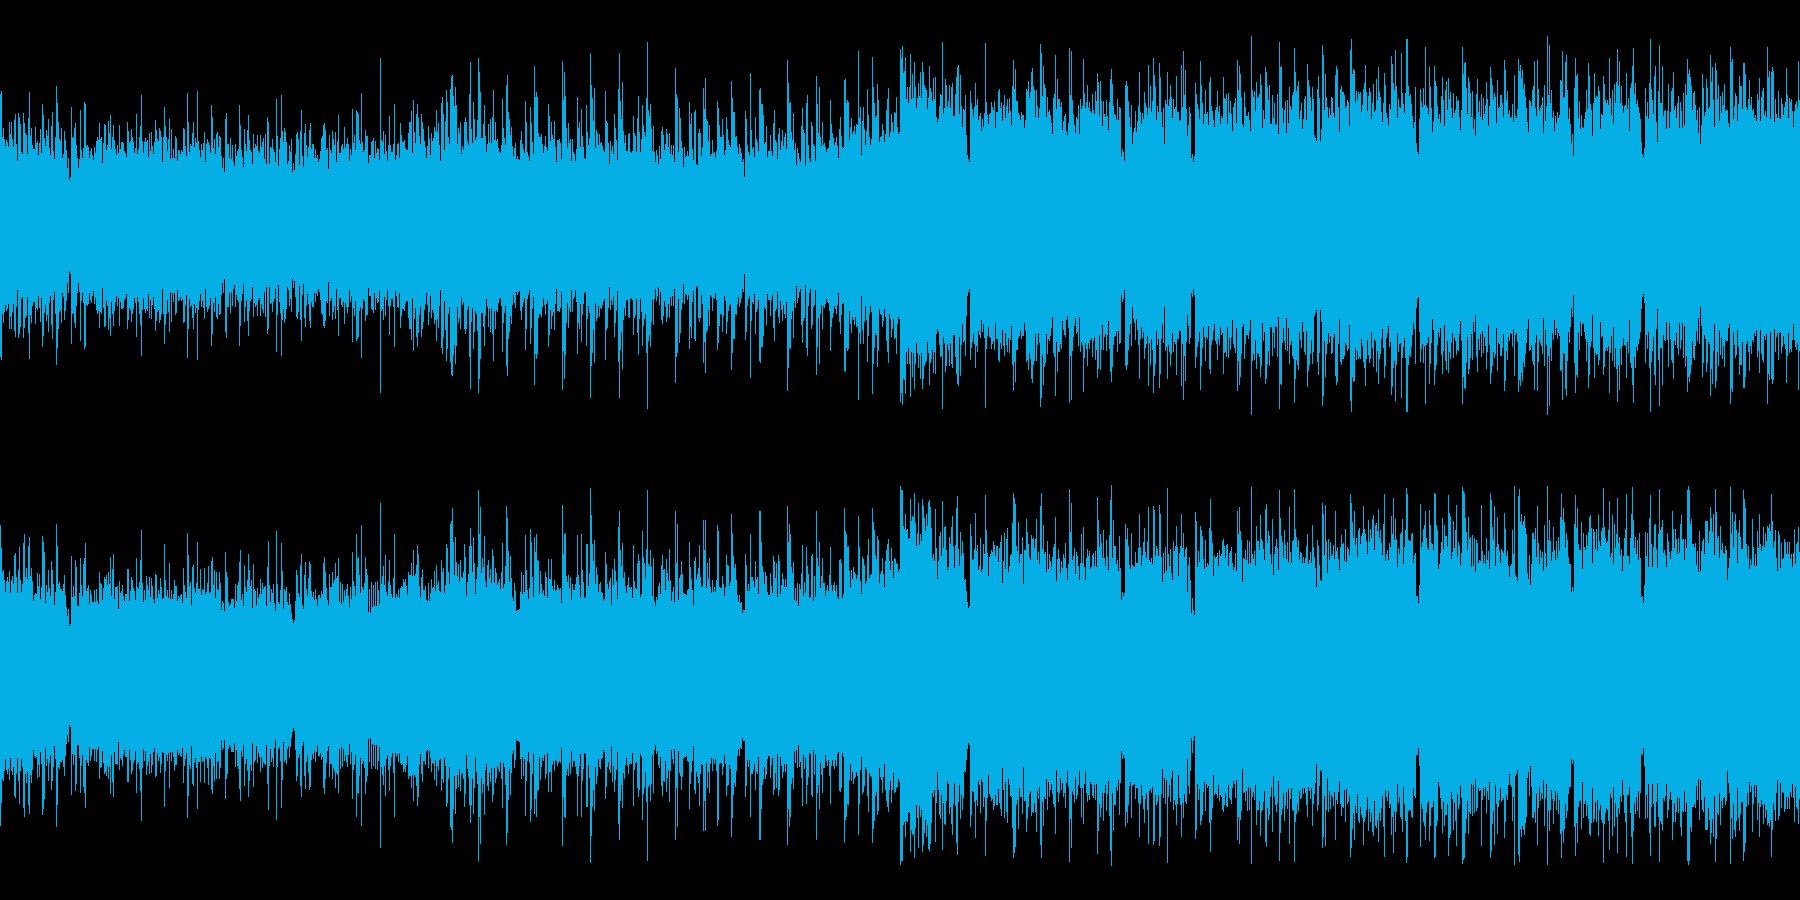 ゲームのOP感のある勇壮なチップチューンの再生済みの波形